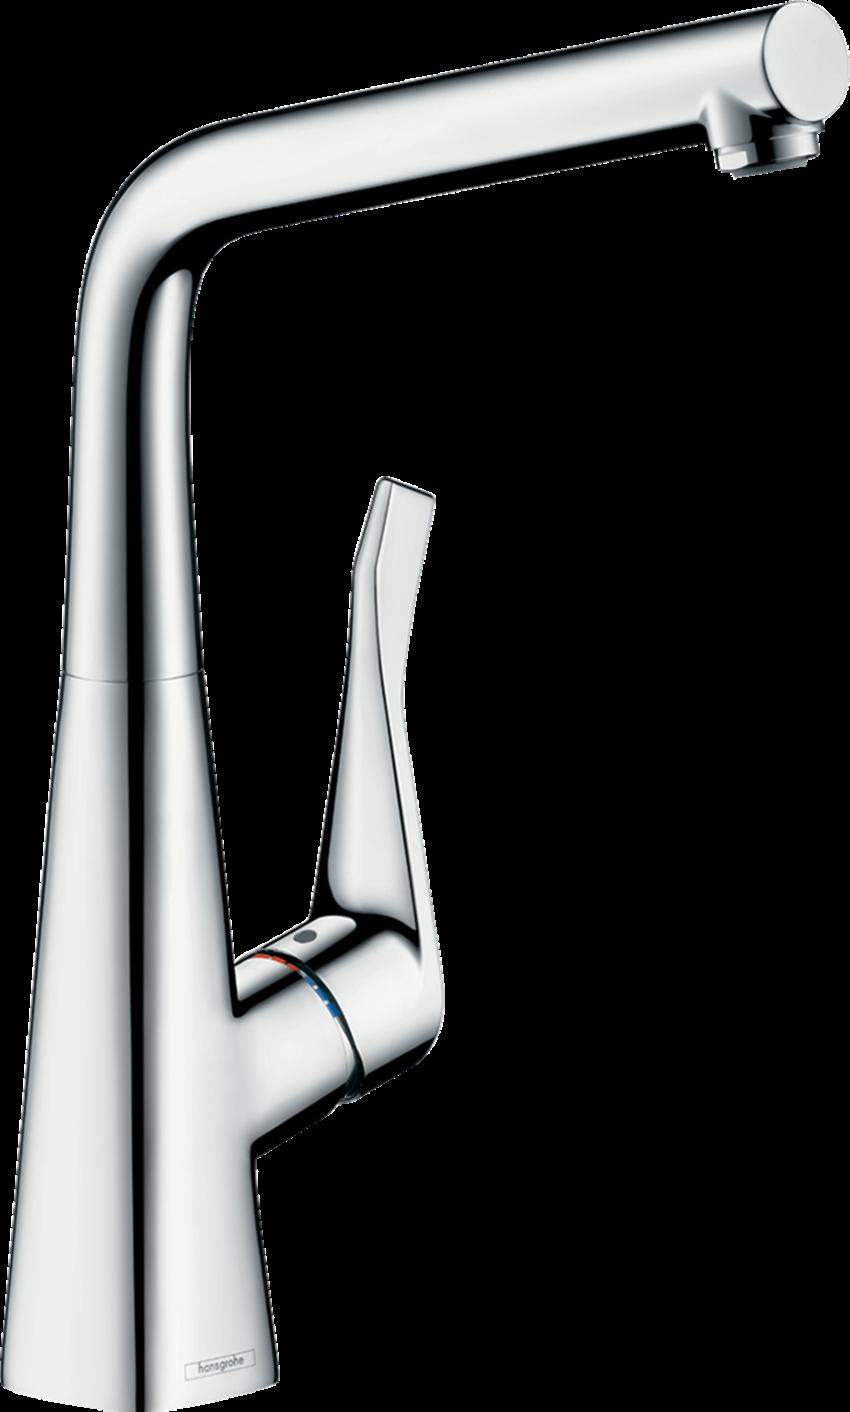 Jednouchwytowa bateria kuchenna 320 do instalacji pod oknem Hansgrohe Metris M71